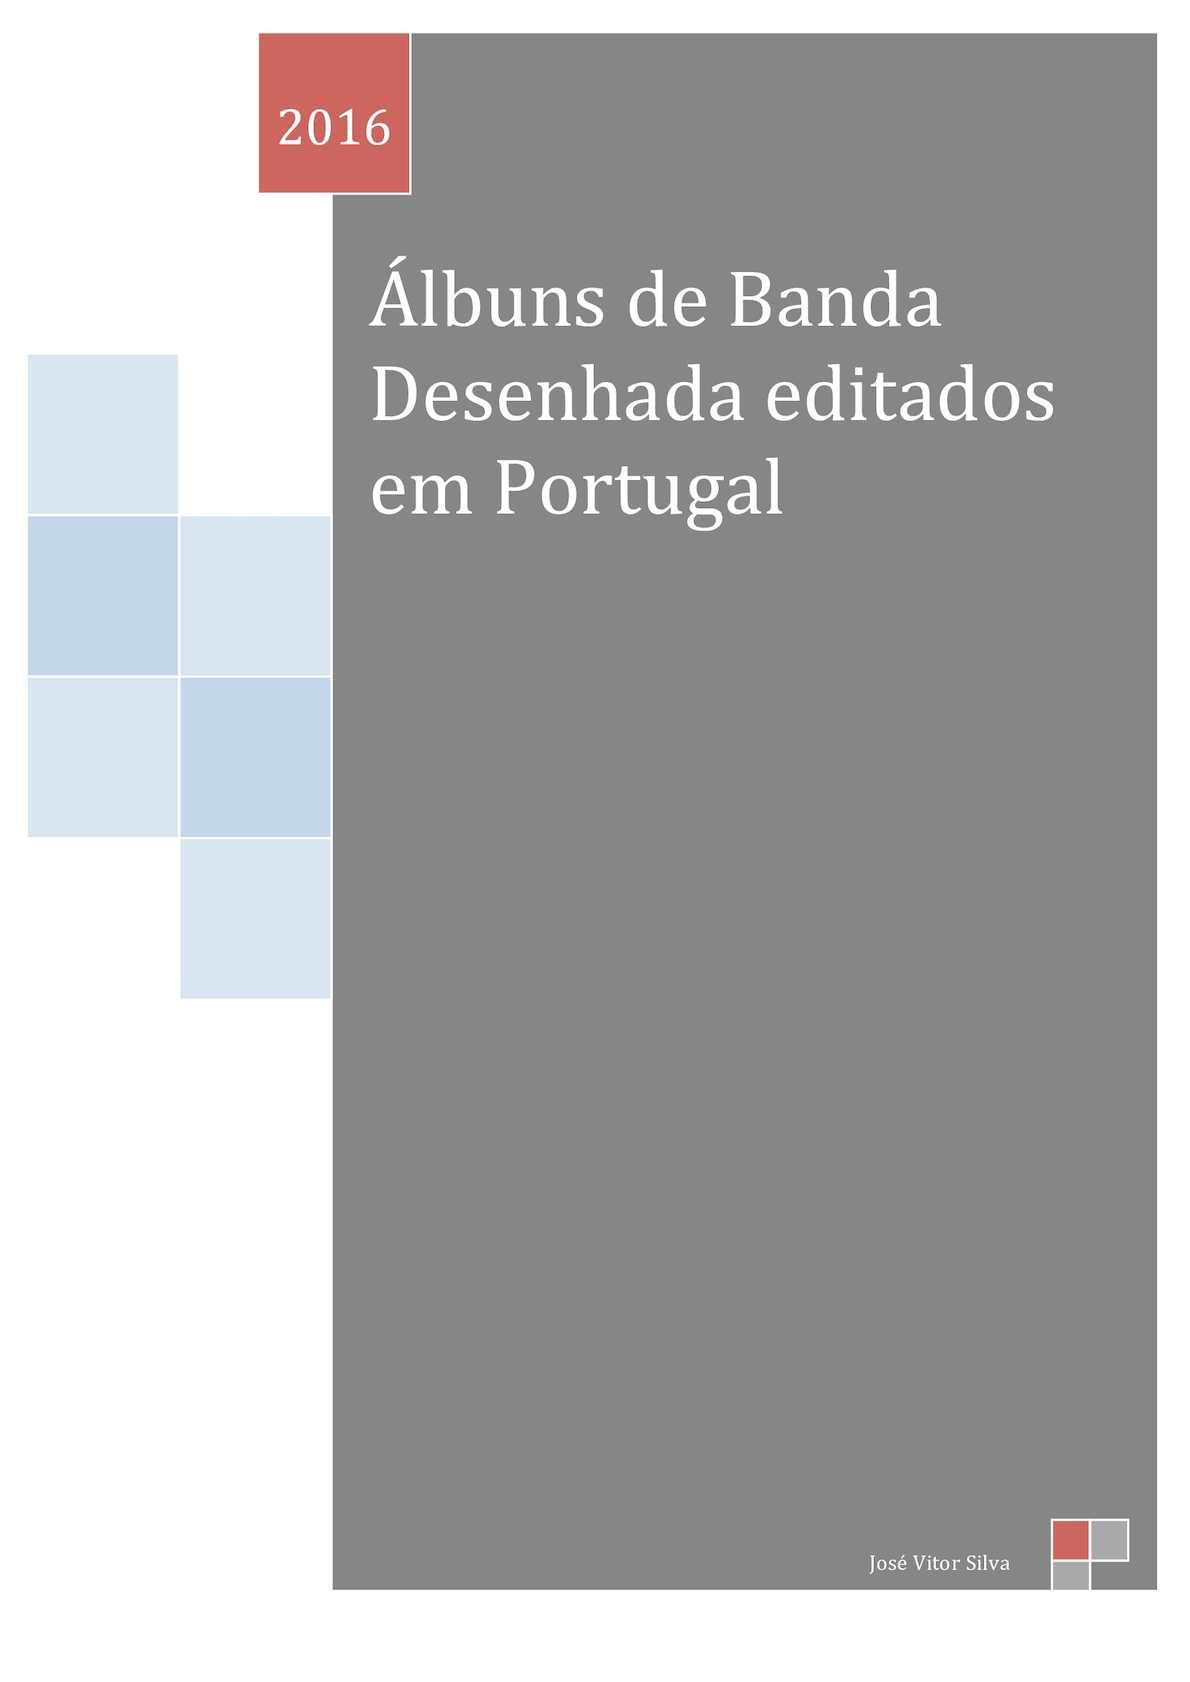 Calaméo - Álbuns de BD publicados em Portugal (Ed. 2016) 1cdc8acef62